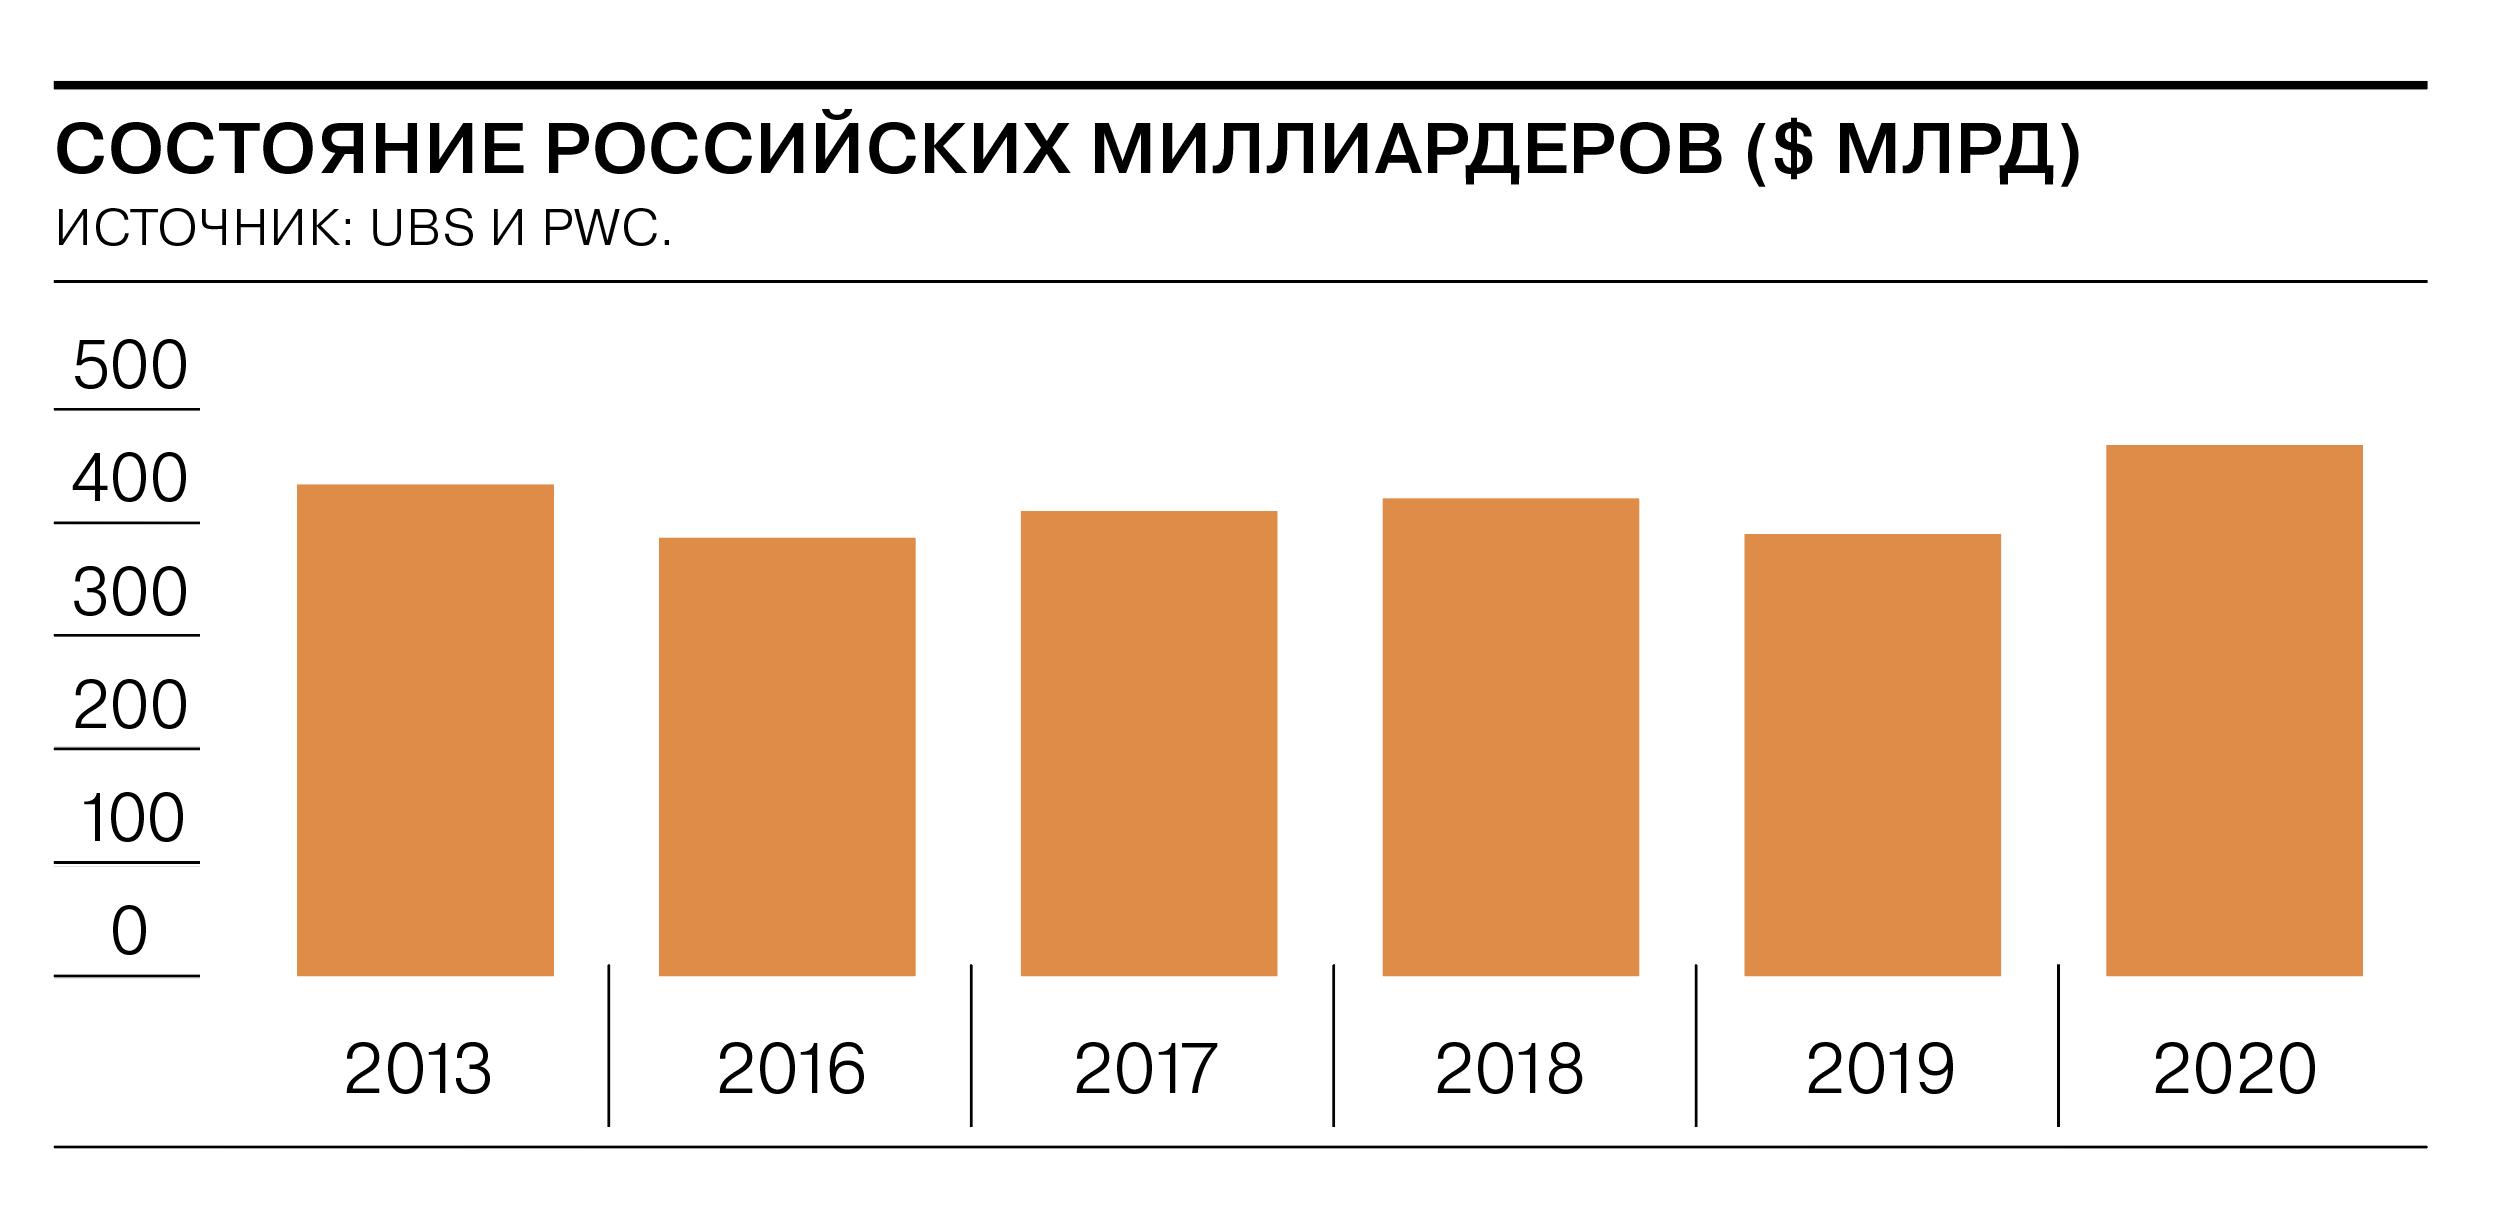 Самые богатые россияне стали на 20% богаче – Экономика – Коммерсантъ